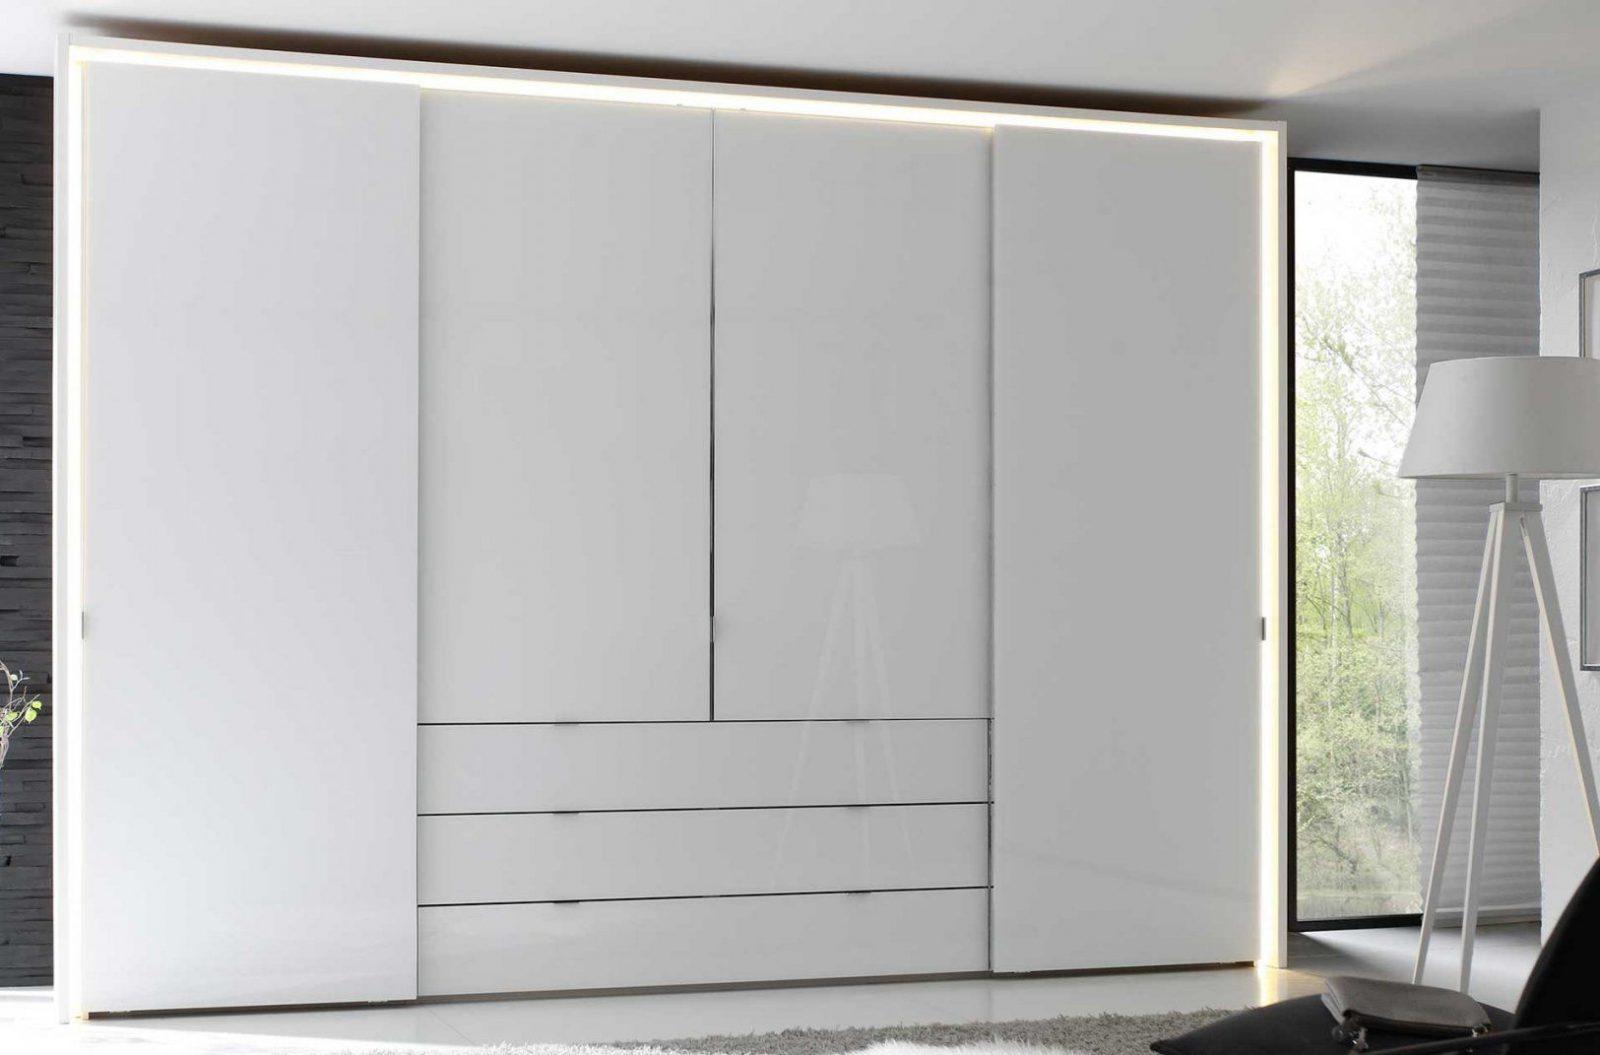 Schiebeturenschrank Mit Integriertem Tv Bei Mobel Schallererschrank von Kleiderschrank Weiß 160 Breit Bild